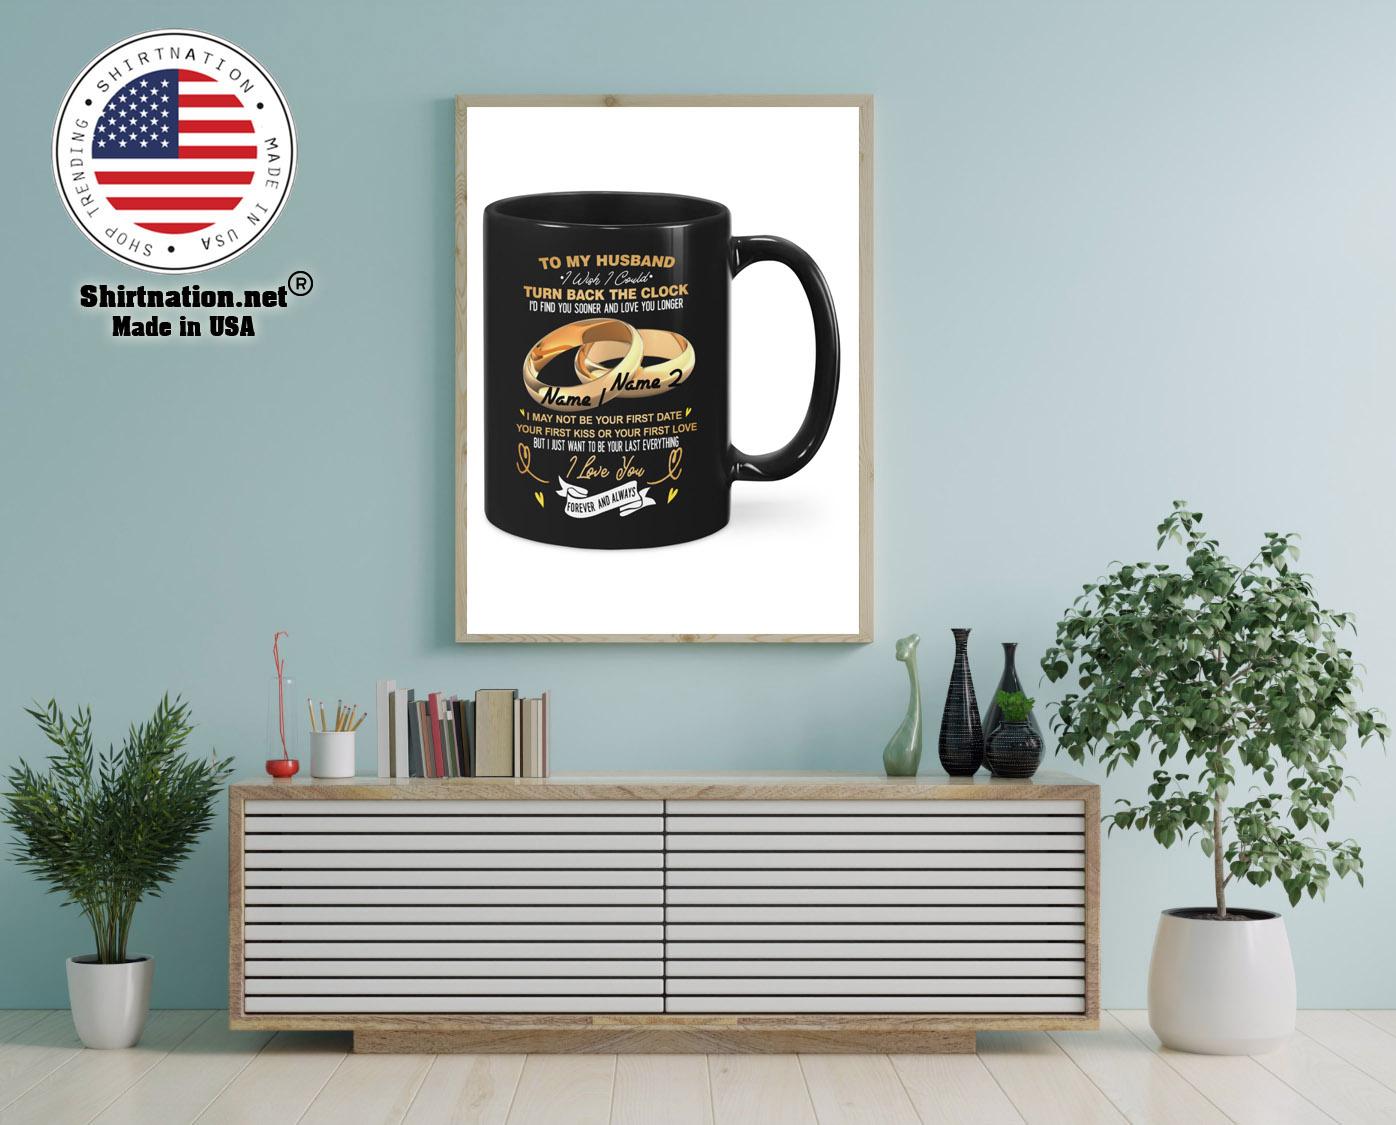 Couplerings To my husband turn back the clock I love you custom name mug 12